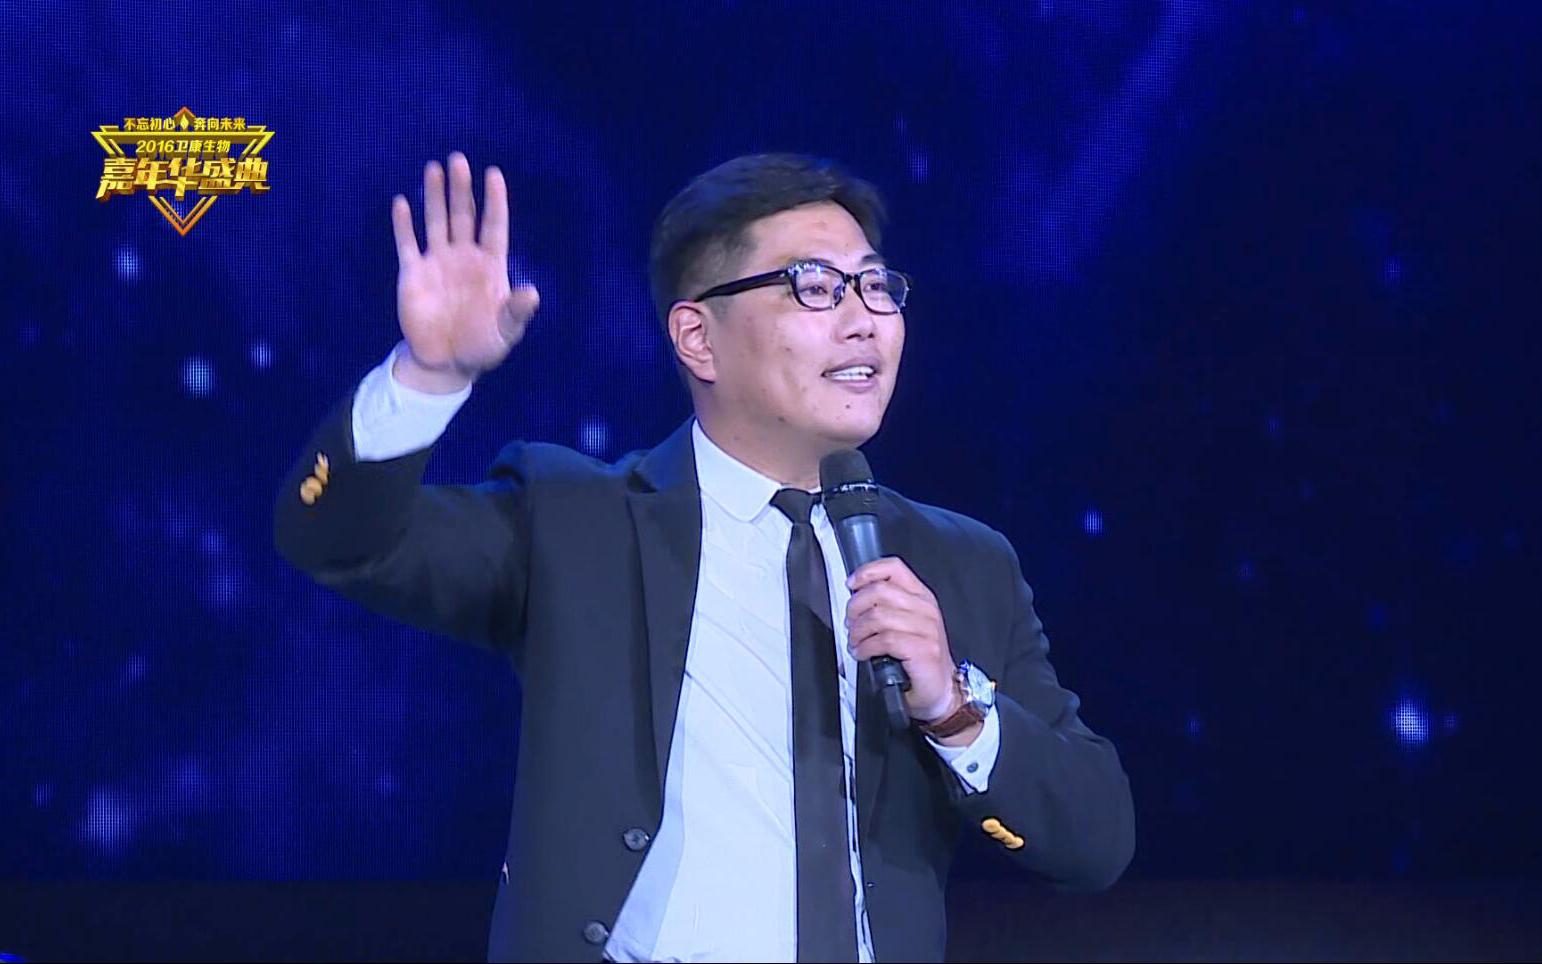 2016卫康生物嘉年华陈州励志演讲视频